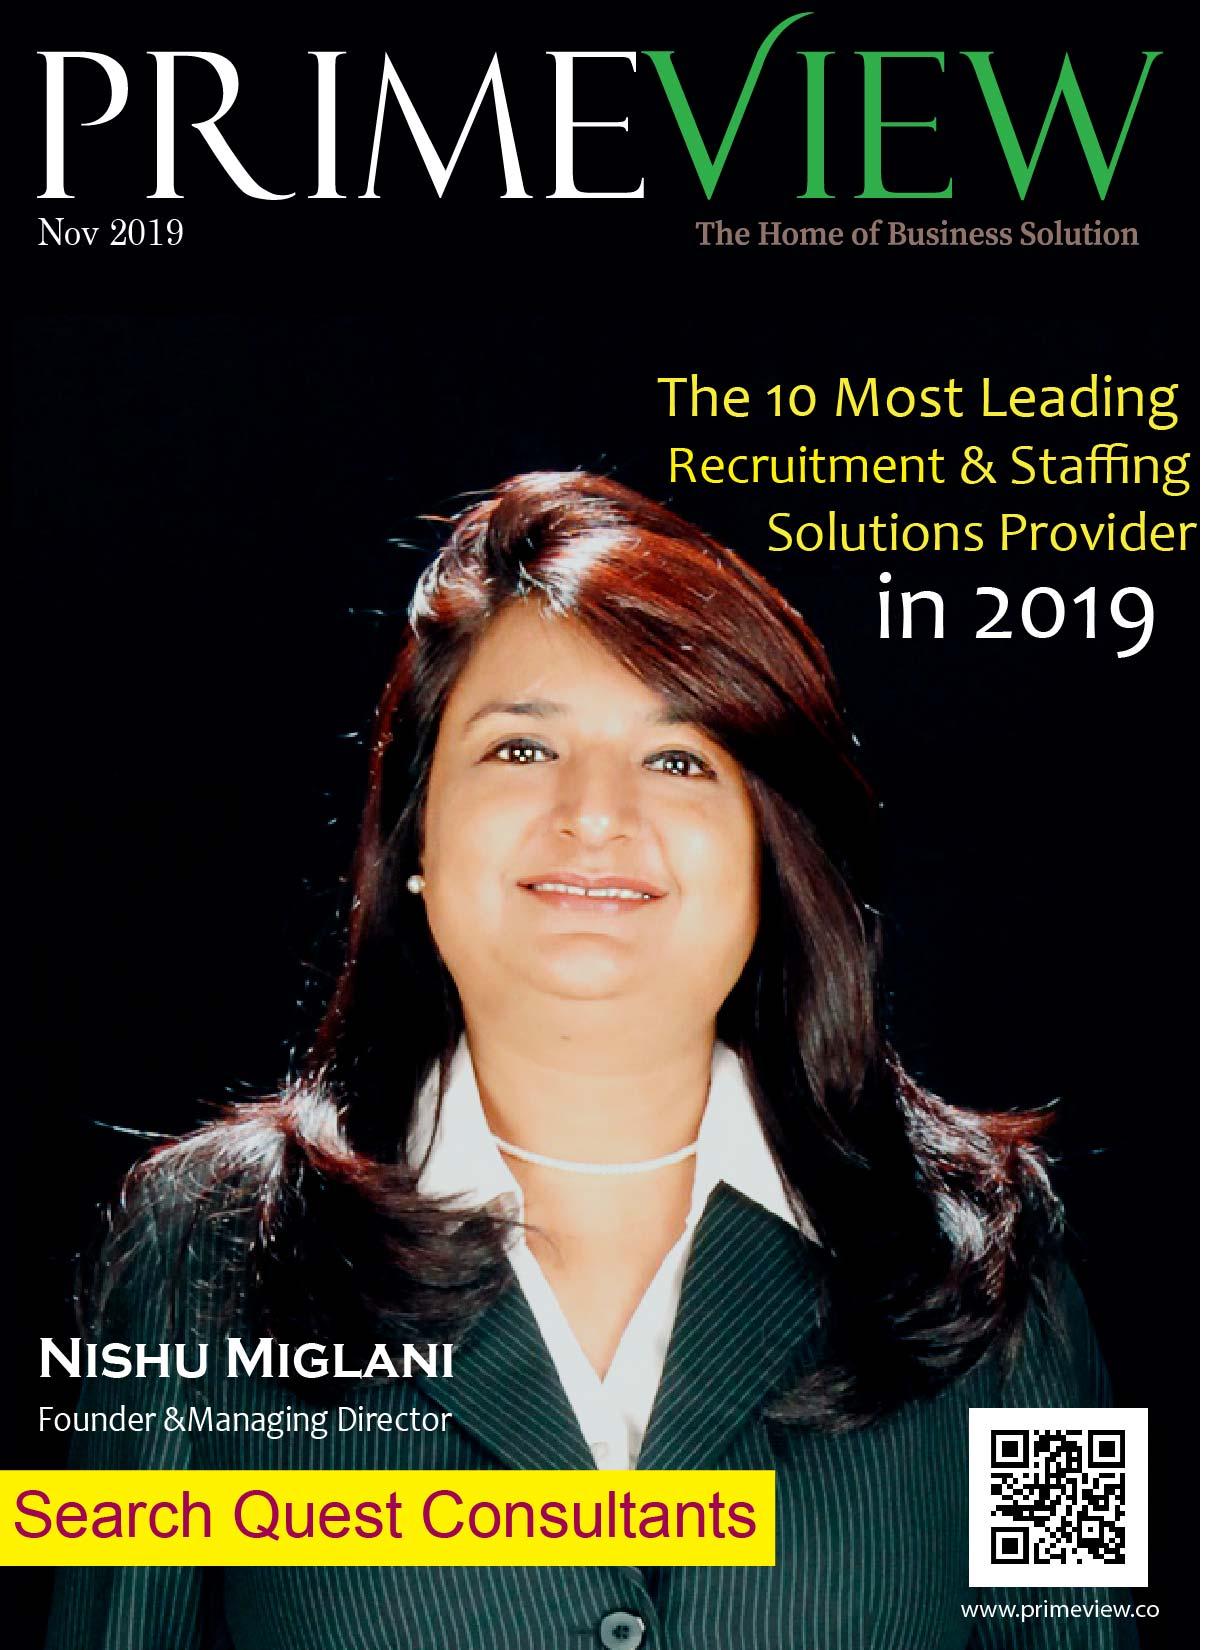 nishu miglani_ Search Quesr Consultants